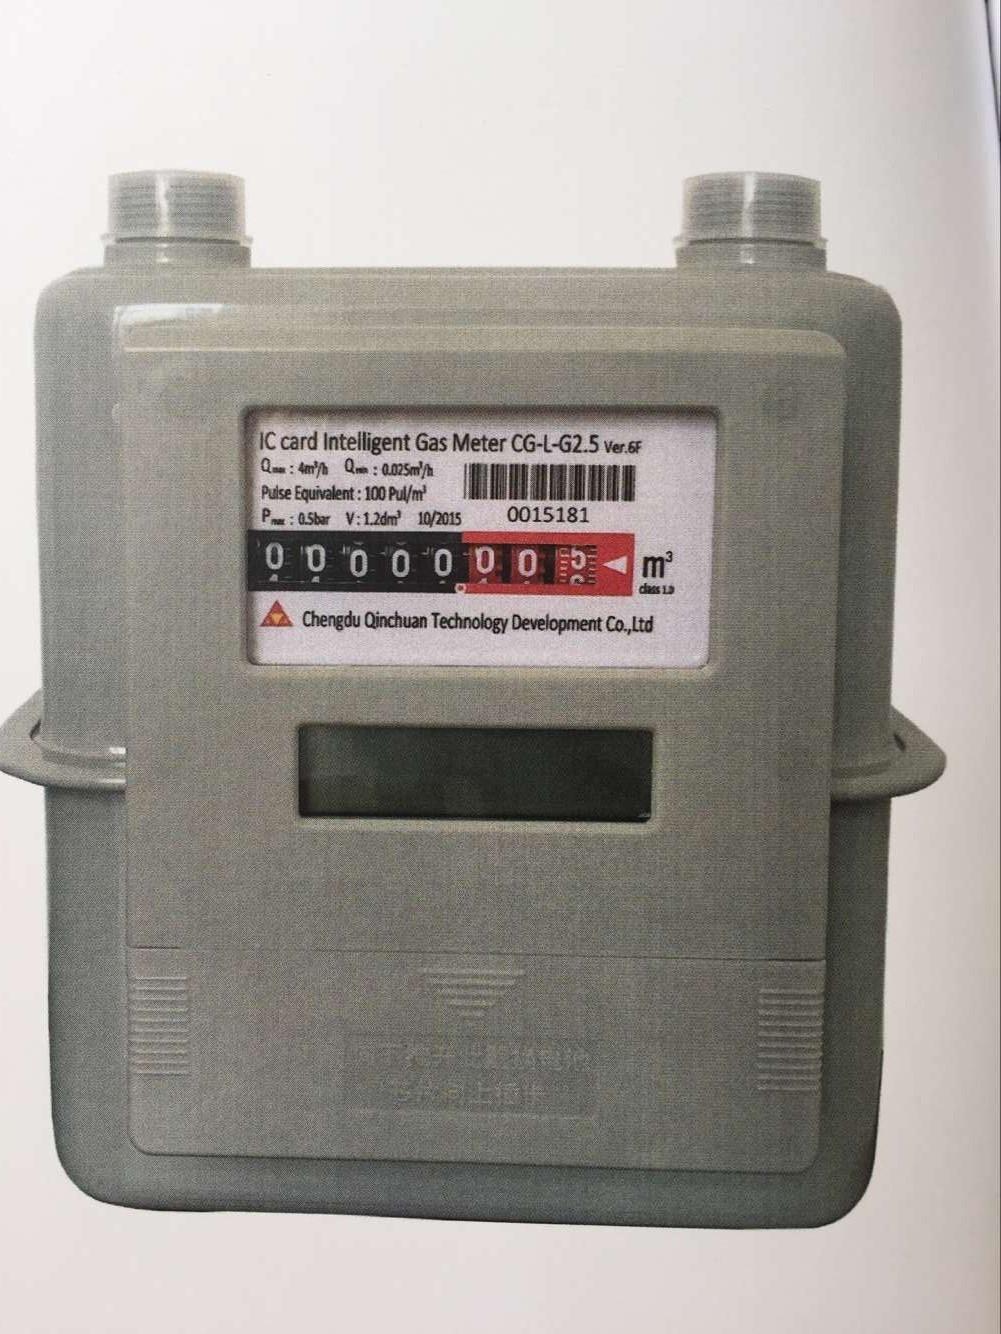 IC Card Intelligent Gas Meter Flow Measuring Monitoring Instrumentation Submeter